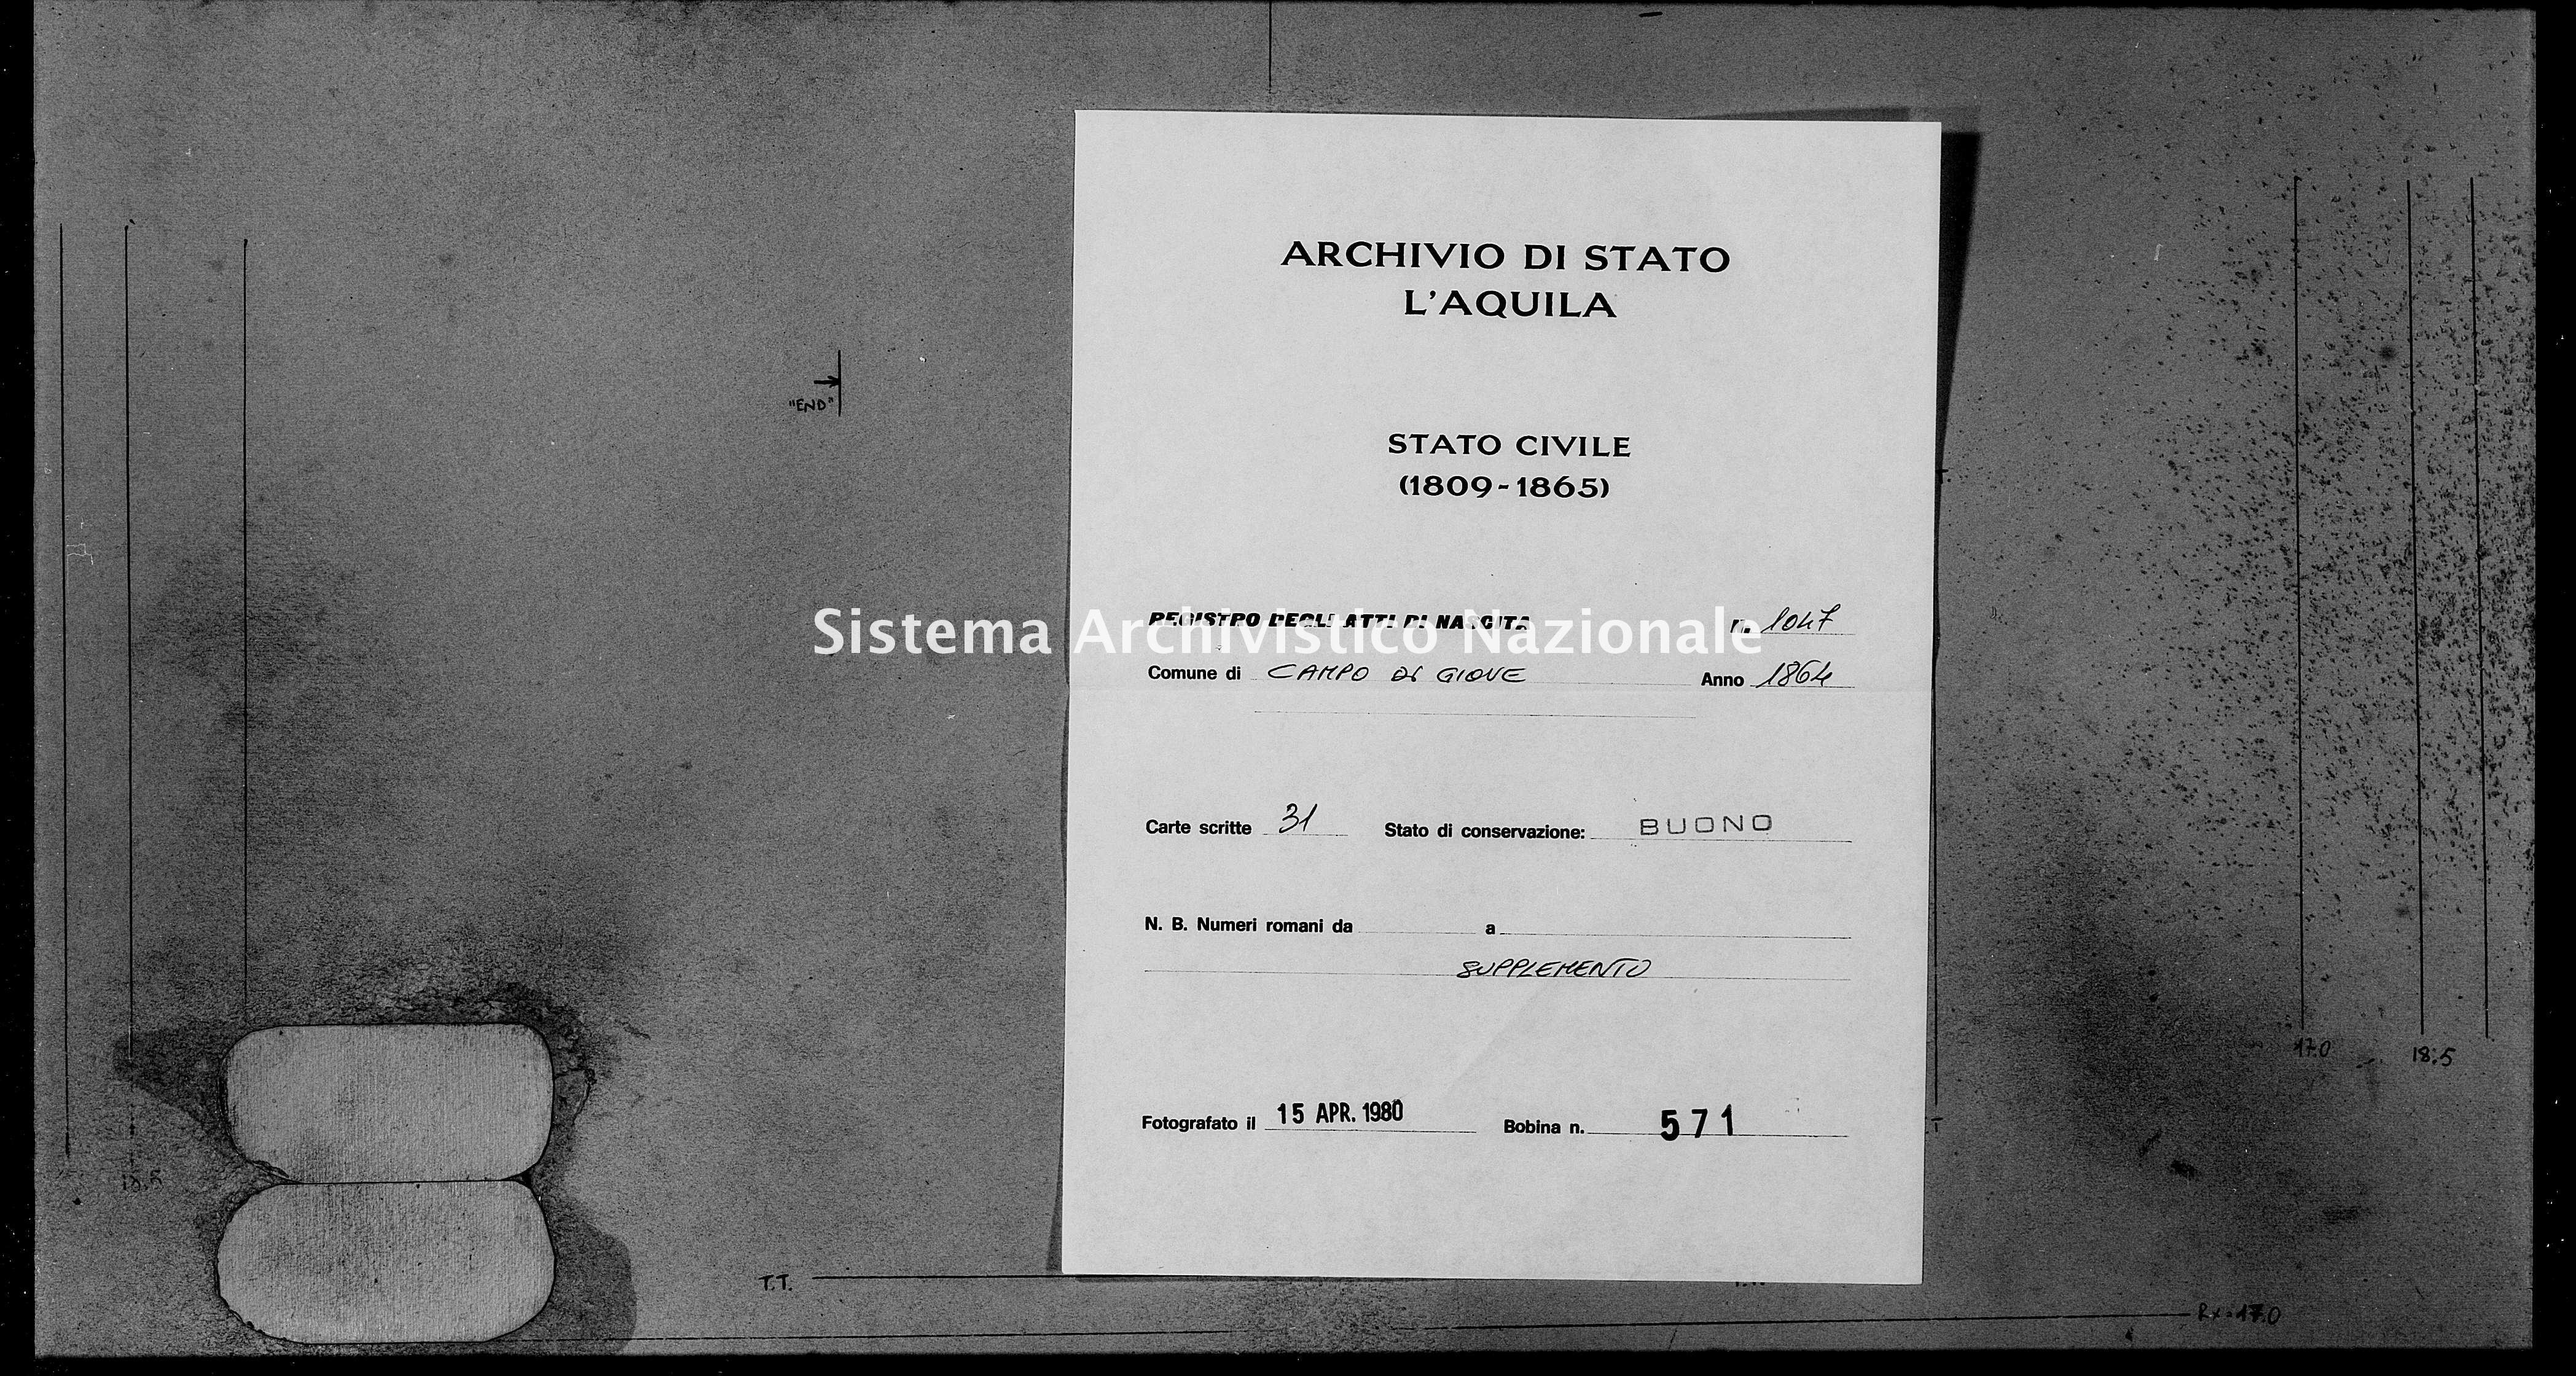 Archivio di stato di L'aquila - Stato civile italiano - Campo di Giove - Nati, battesimi - 1864 - 1047 -